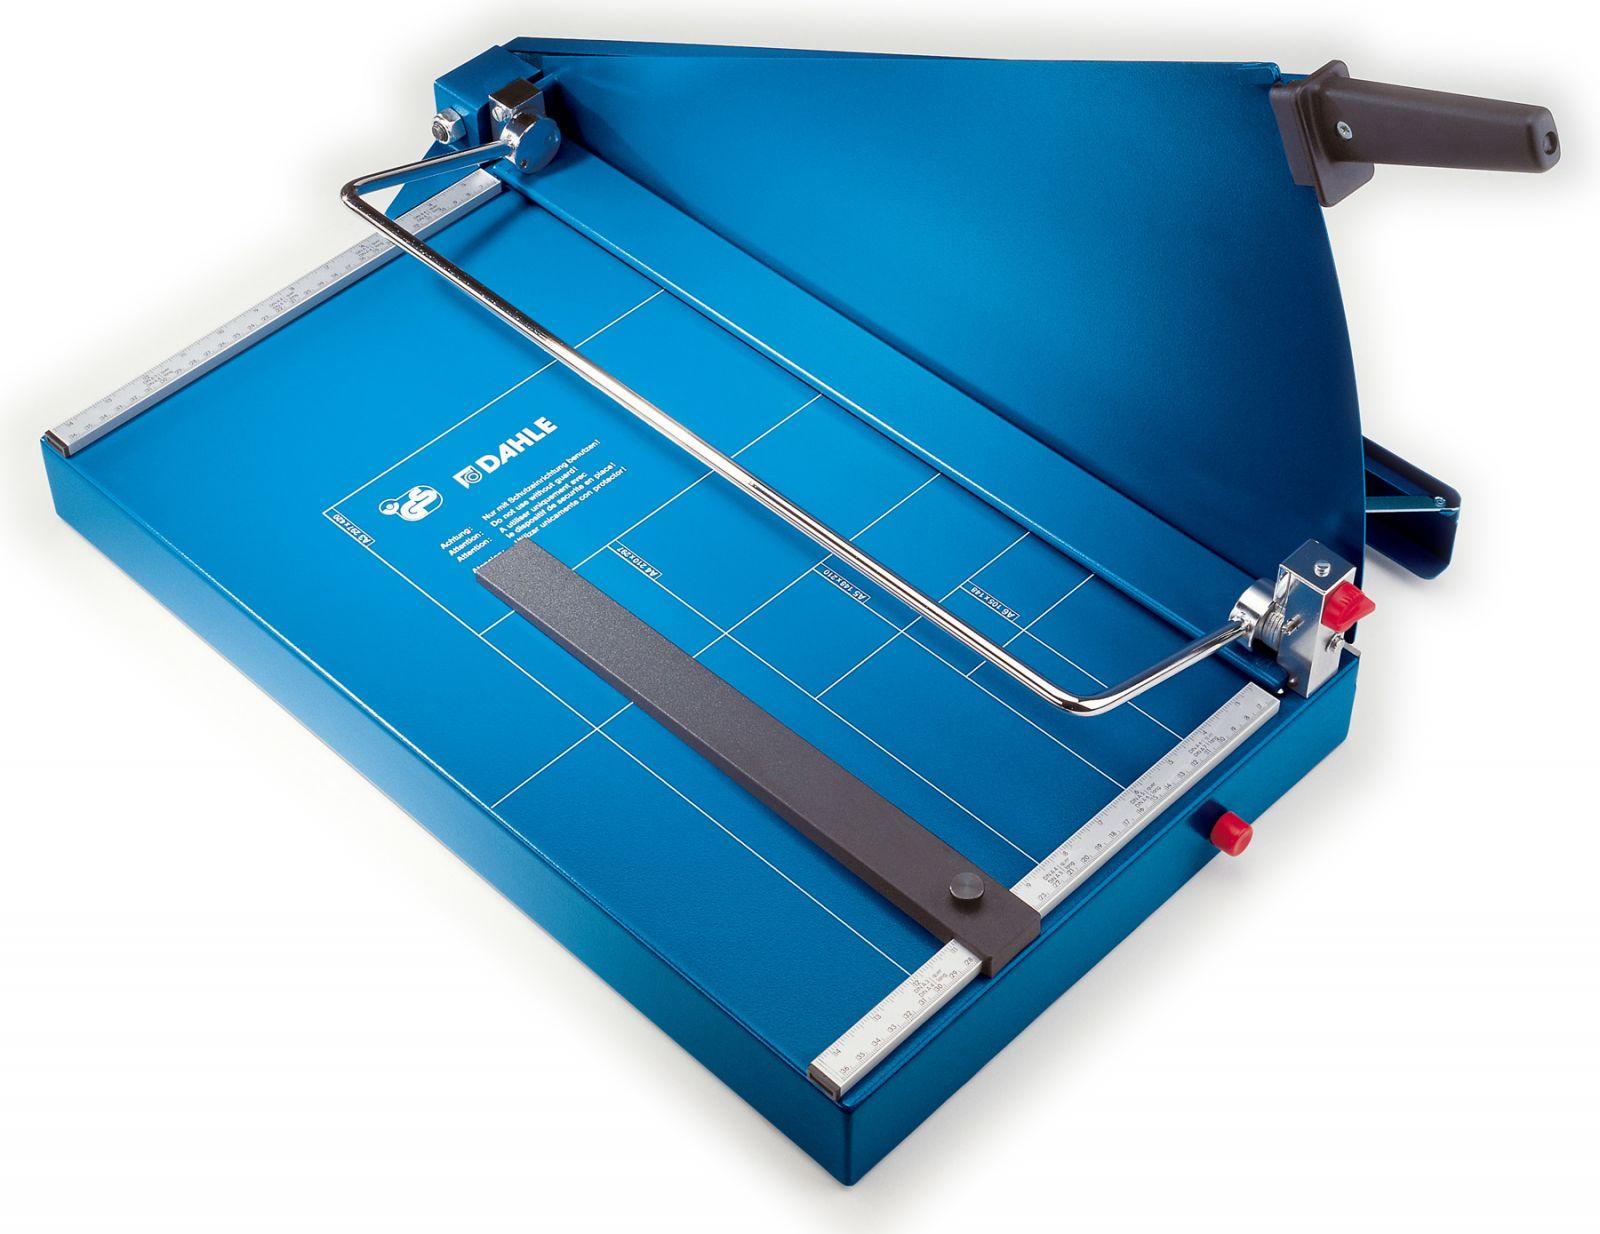 Páková řezačka papíru - DAHLE 587 - délka řezu 550 mm